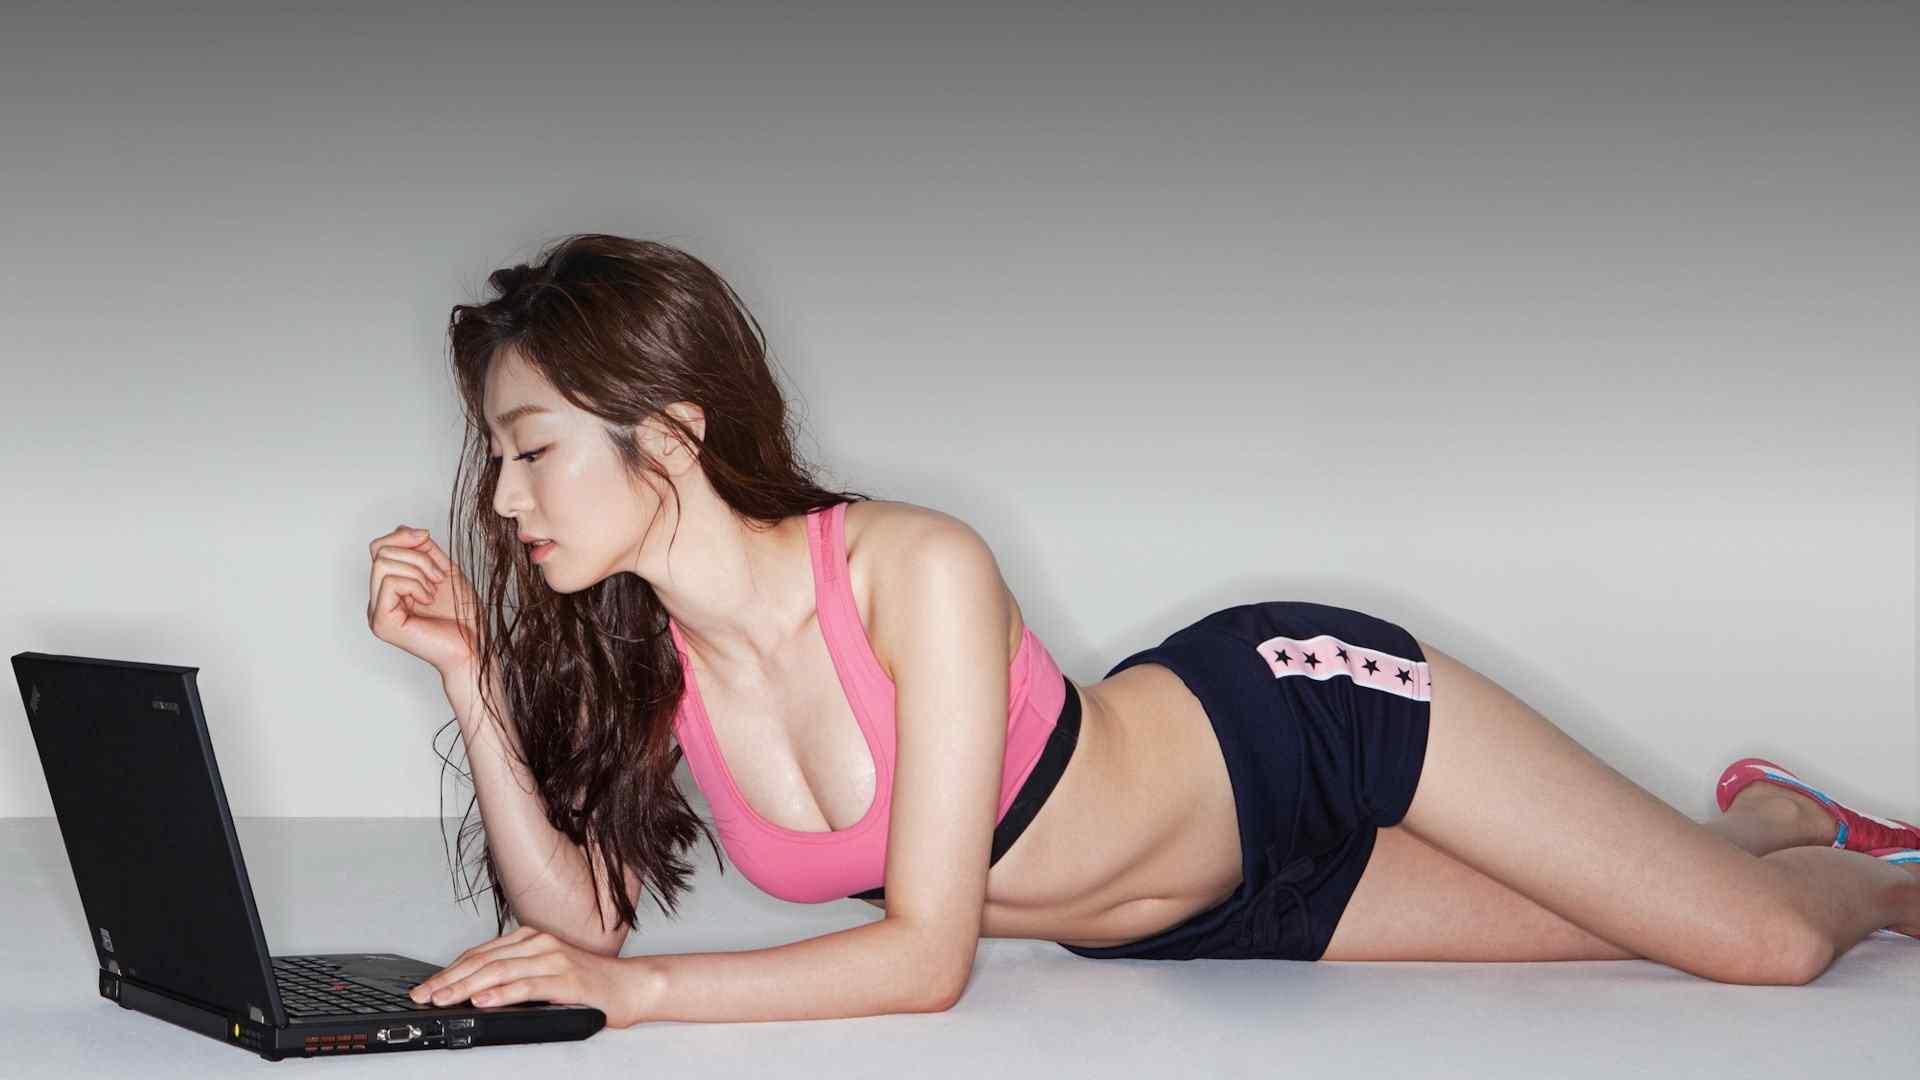 性感健身美女写真图片高清桌面壁纸